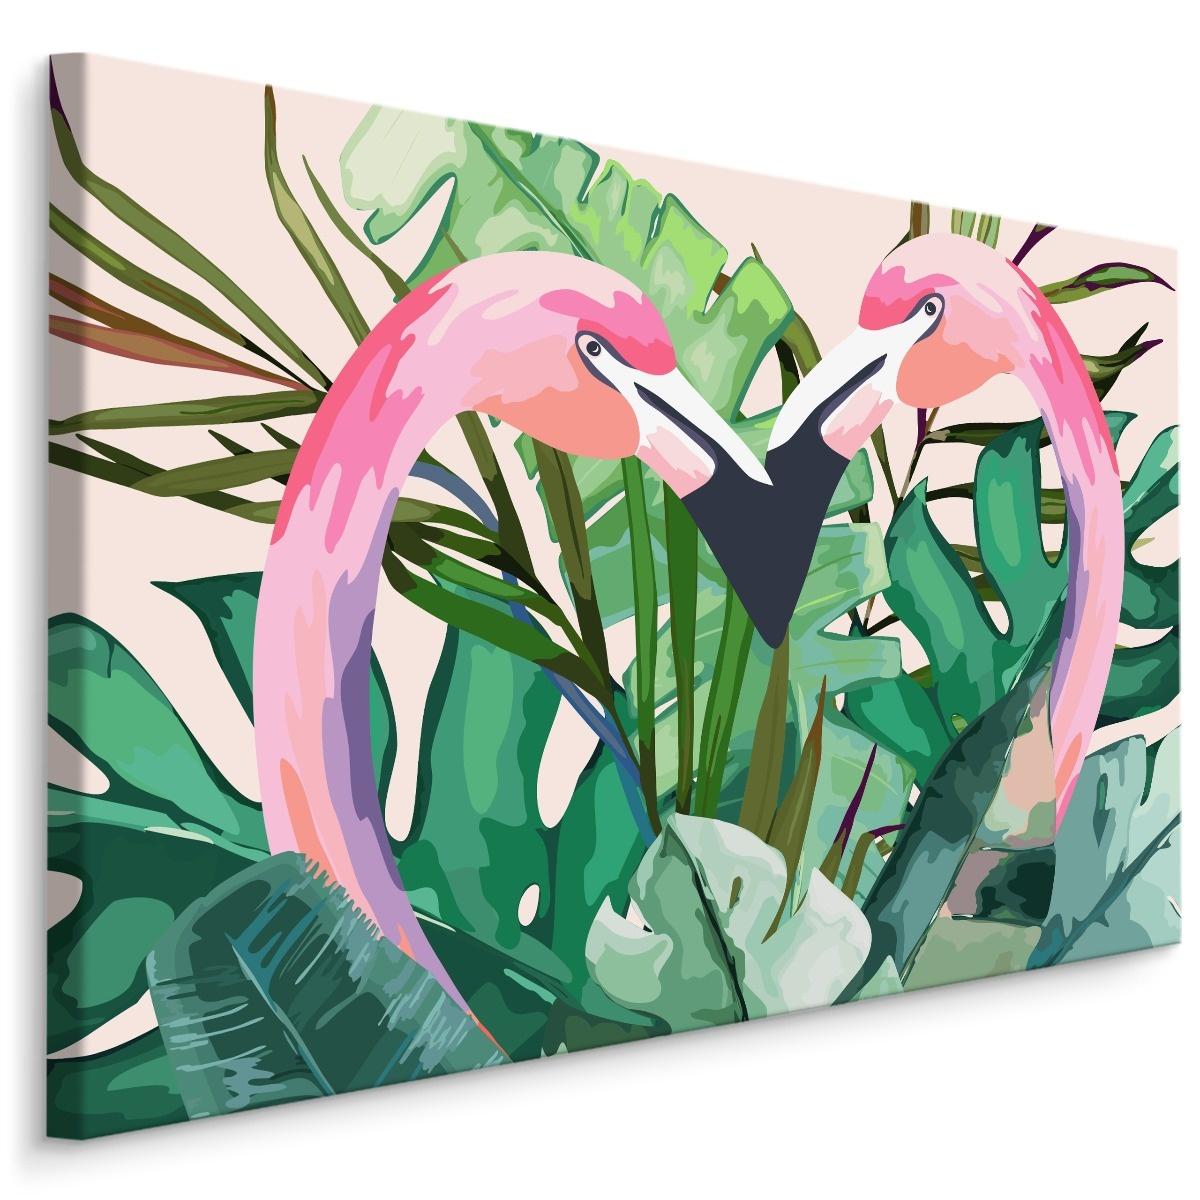 Schilderij - Flamingo's tussen tropische bladeren (print op canvas), roze/groen, 4 maten, premi